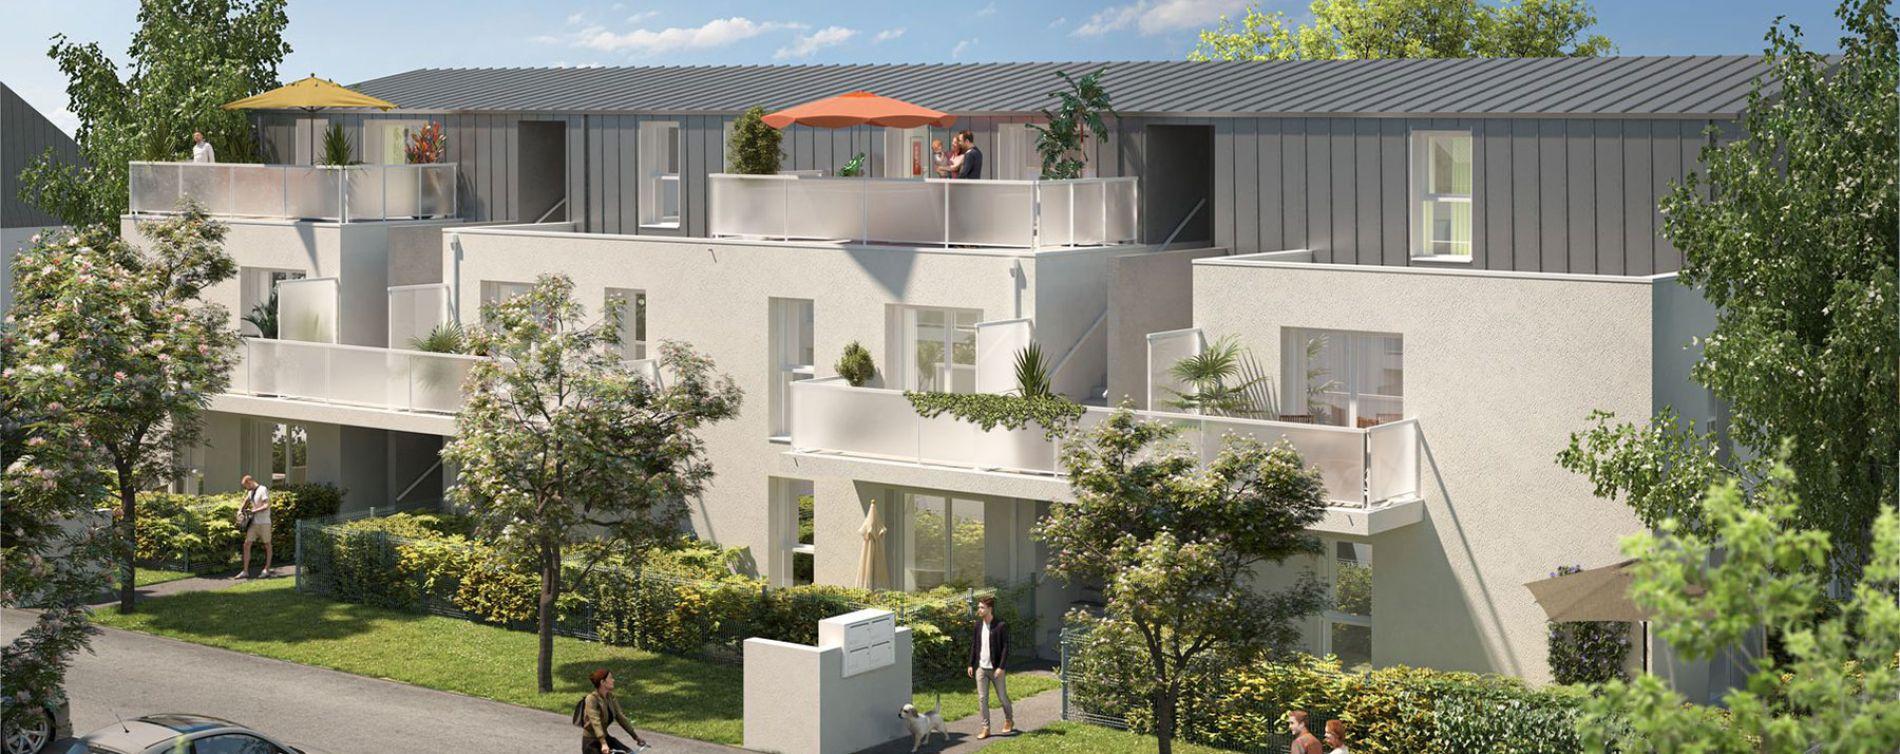 Sainte-Luce-sur-Loire : programme immobilier neuve « Les Rives de Luce » en Loi Pinel